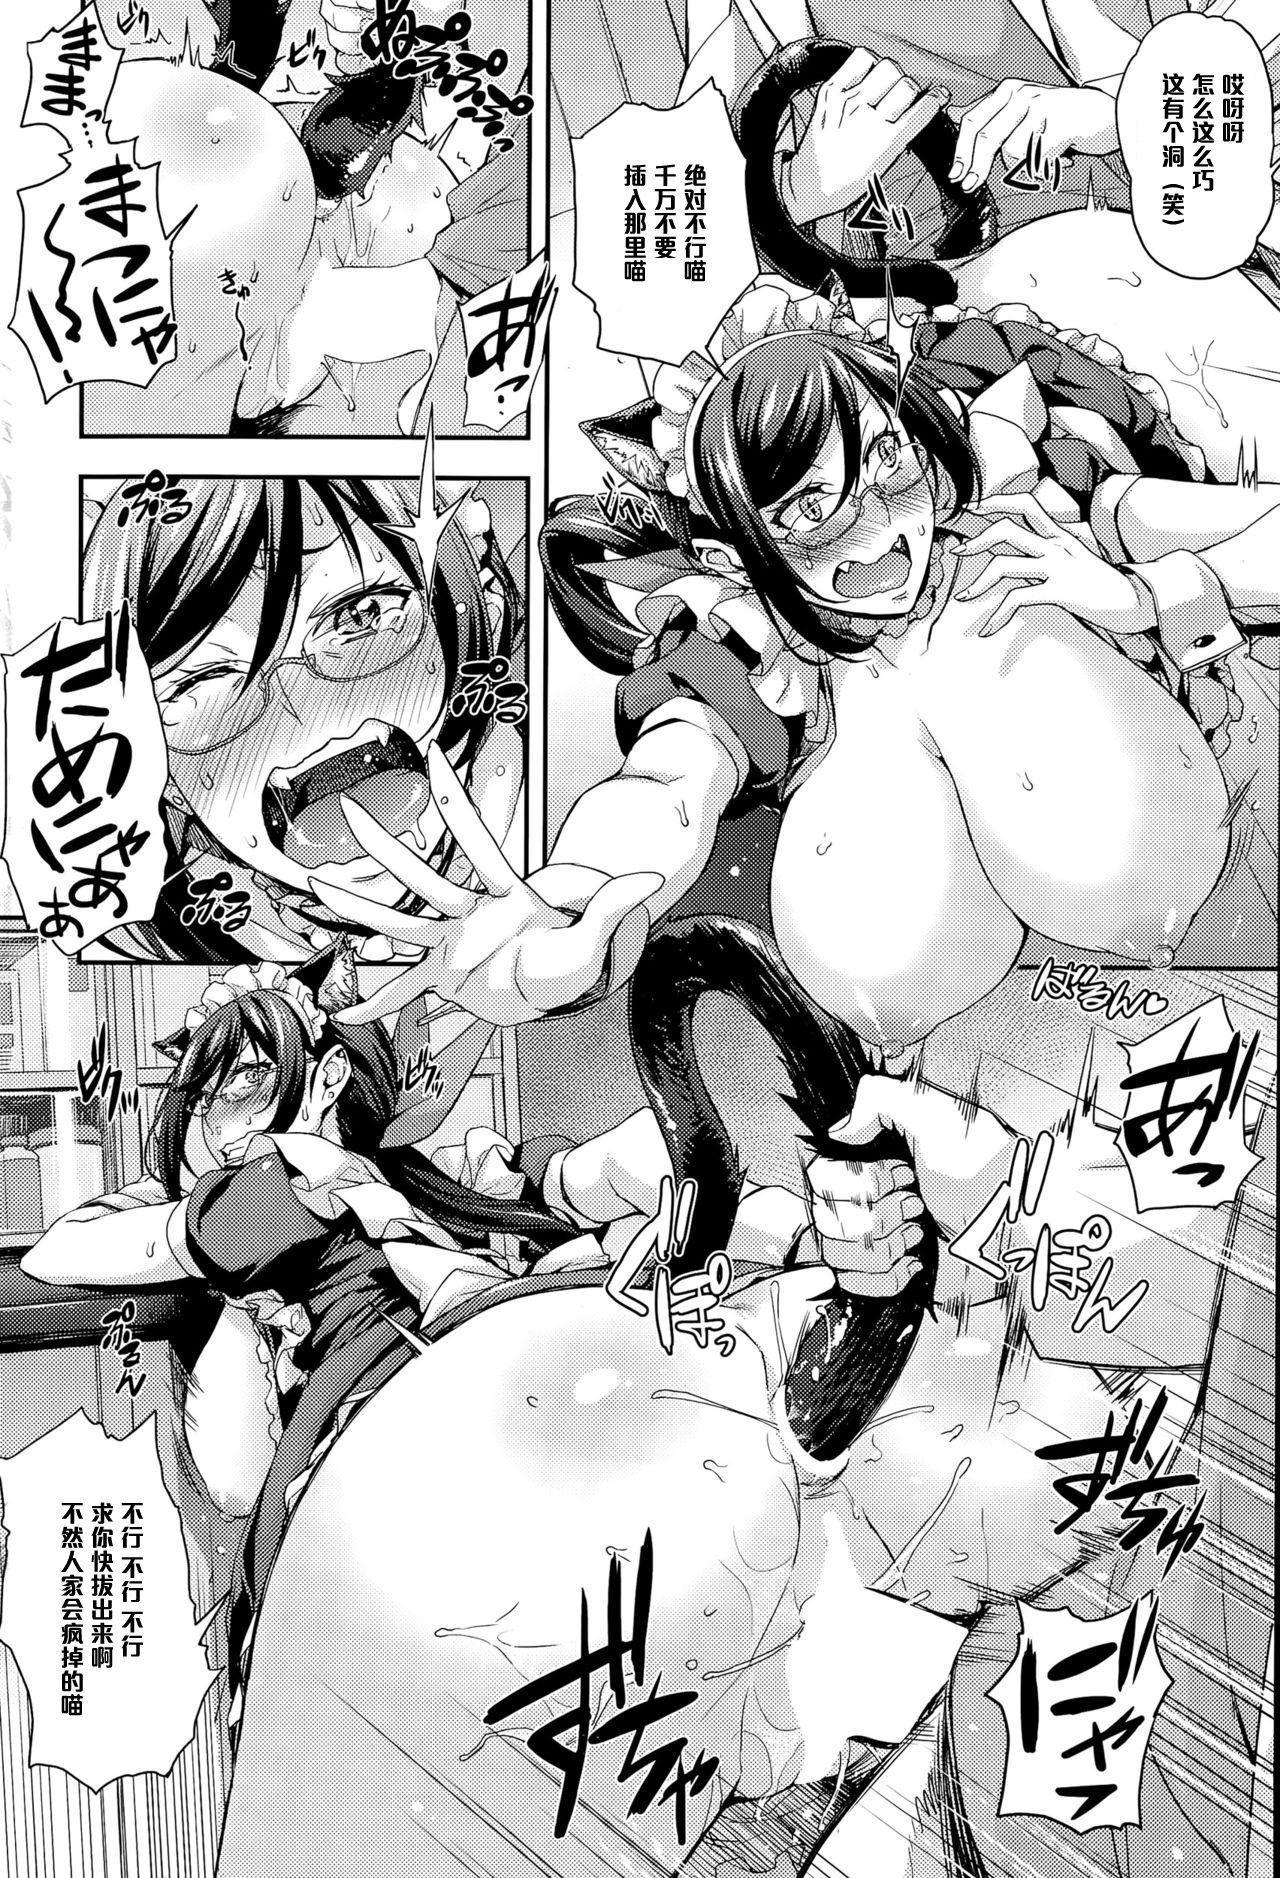 Rika no Kenkyuushitsu Report File Doubutsu to Ohanashi Dekichau 17